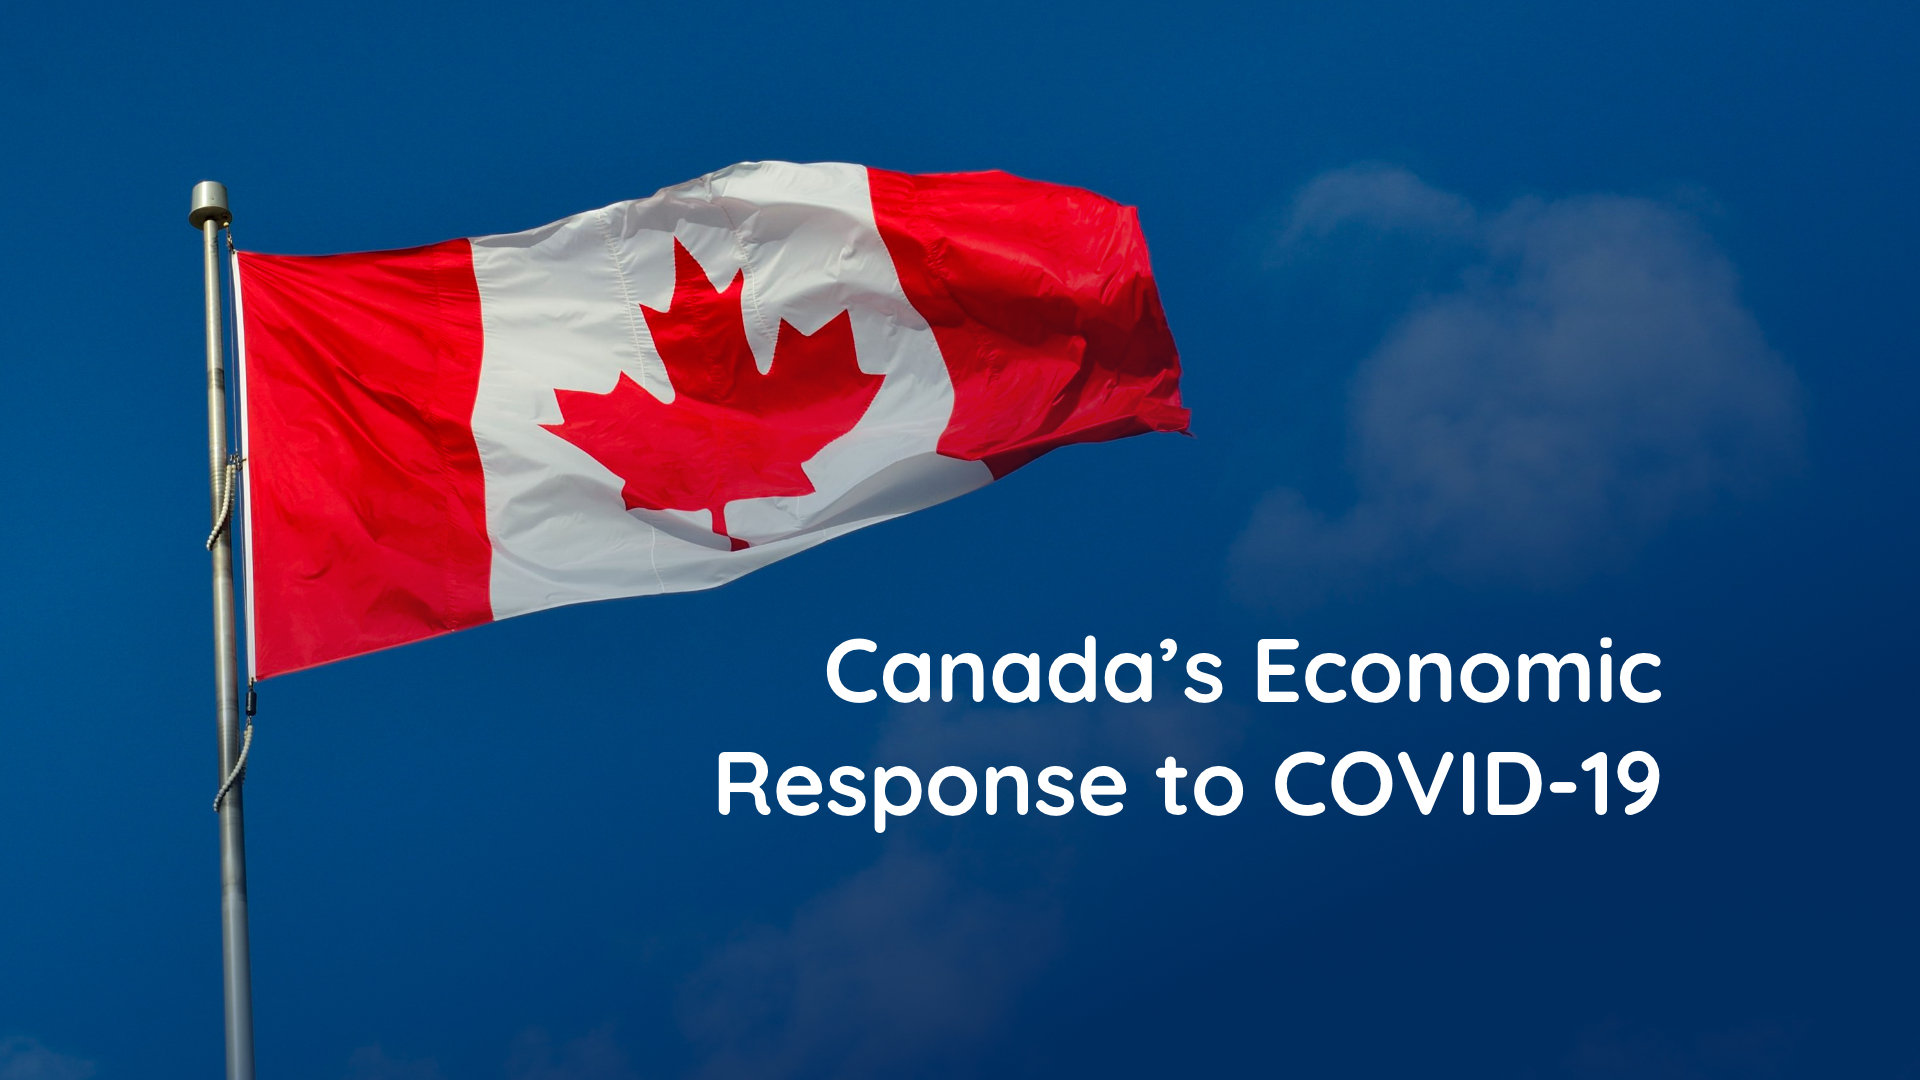 Canada's Economic Response to COVID-19